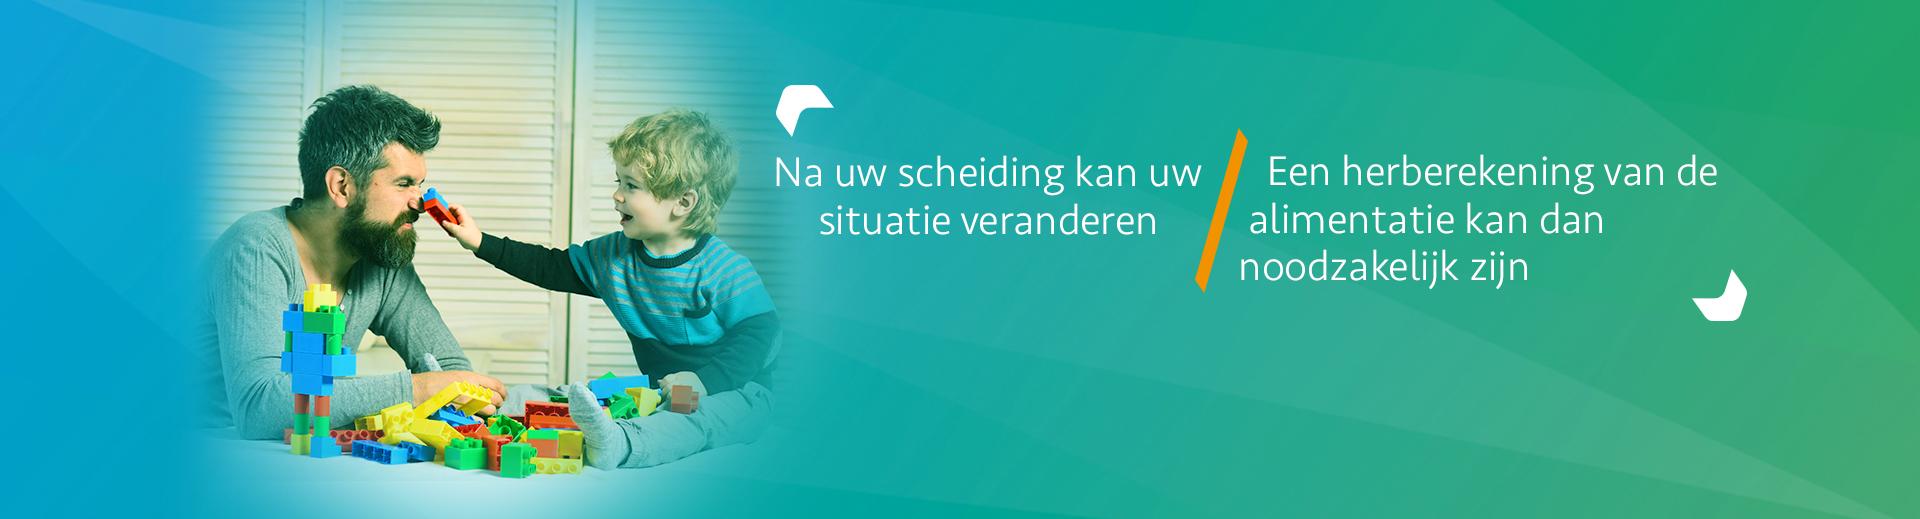 Alimentatie herzien - Scheidingsplanner Hoofddorp - Badhoevedorp - Nieuw Vennep